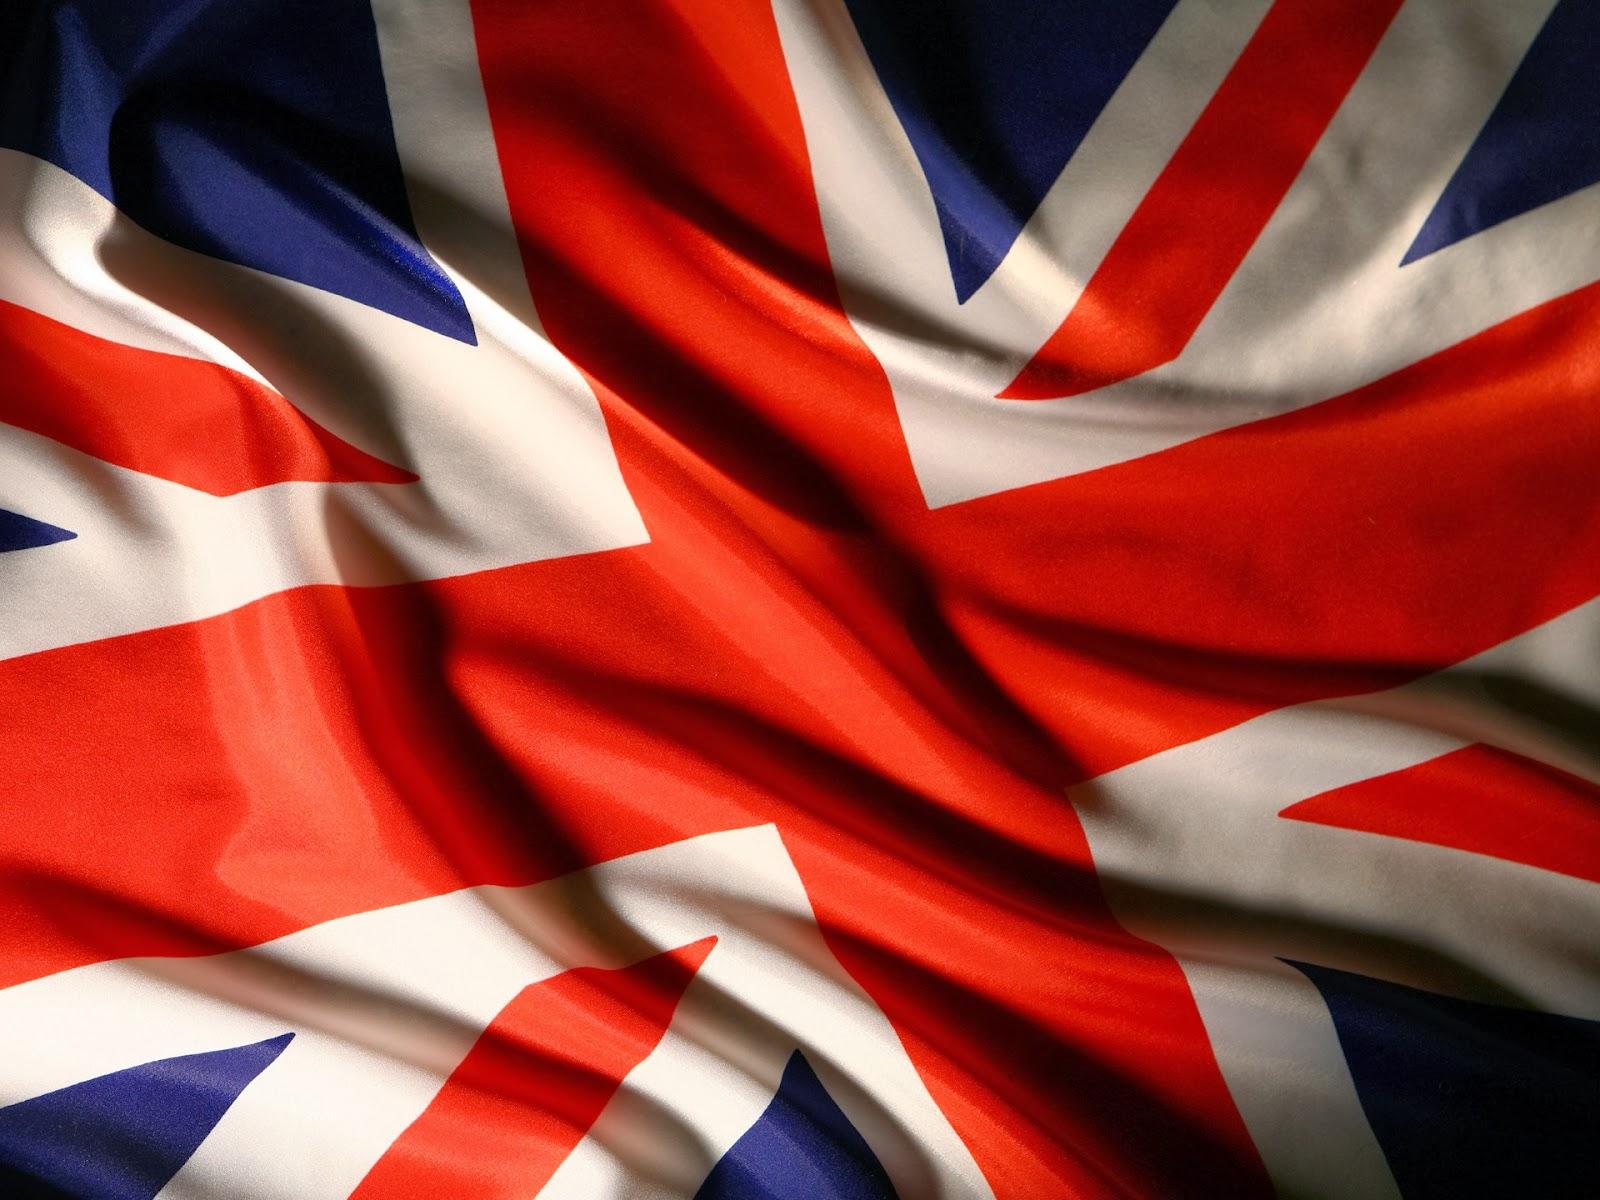 Bandeira do Reino Unido - 5 o clock UK c4b99093e21ad